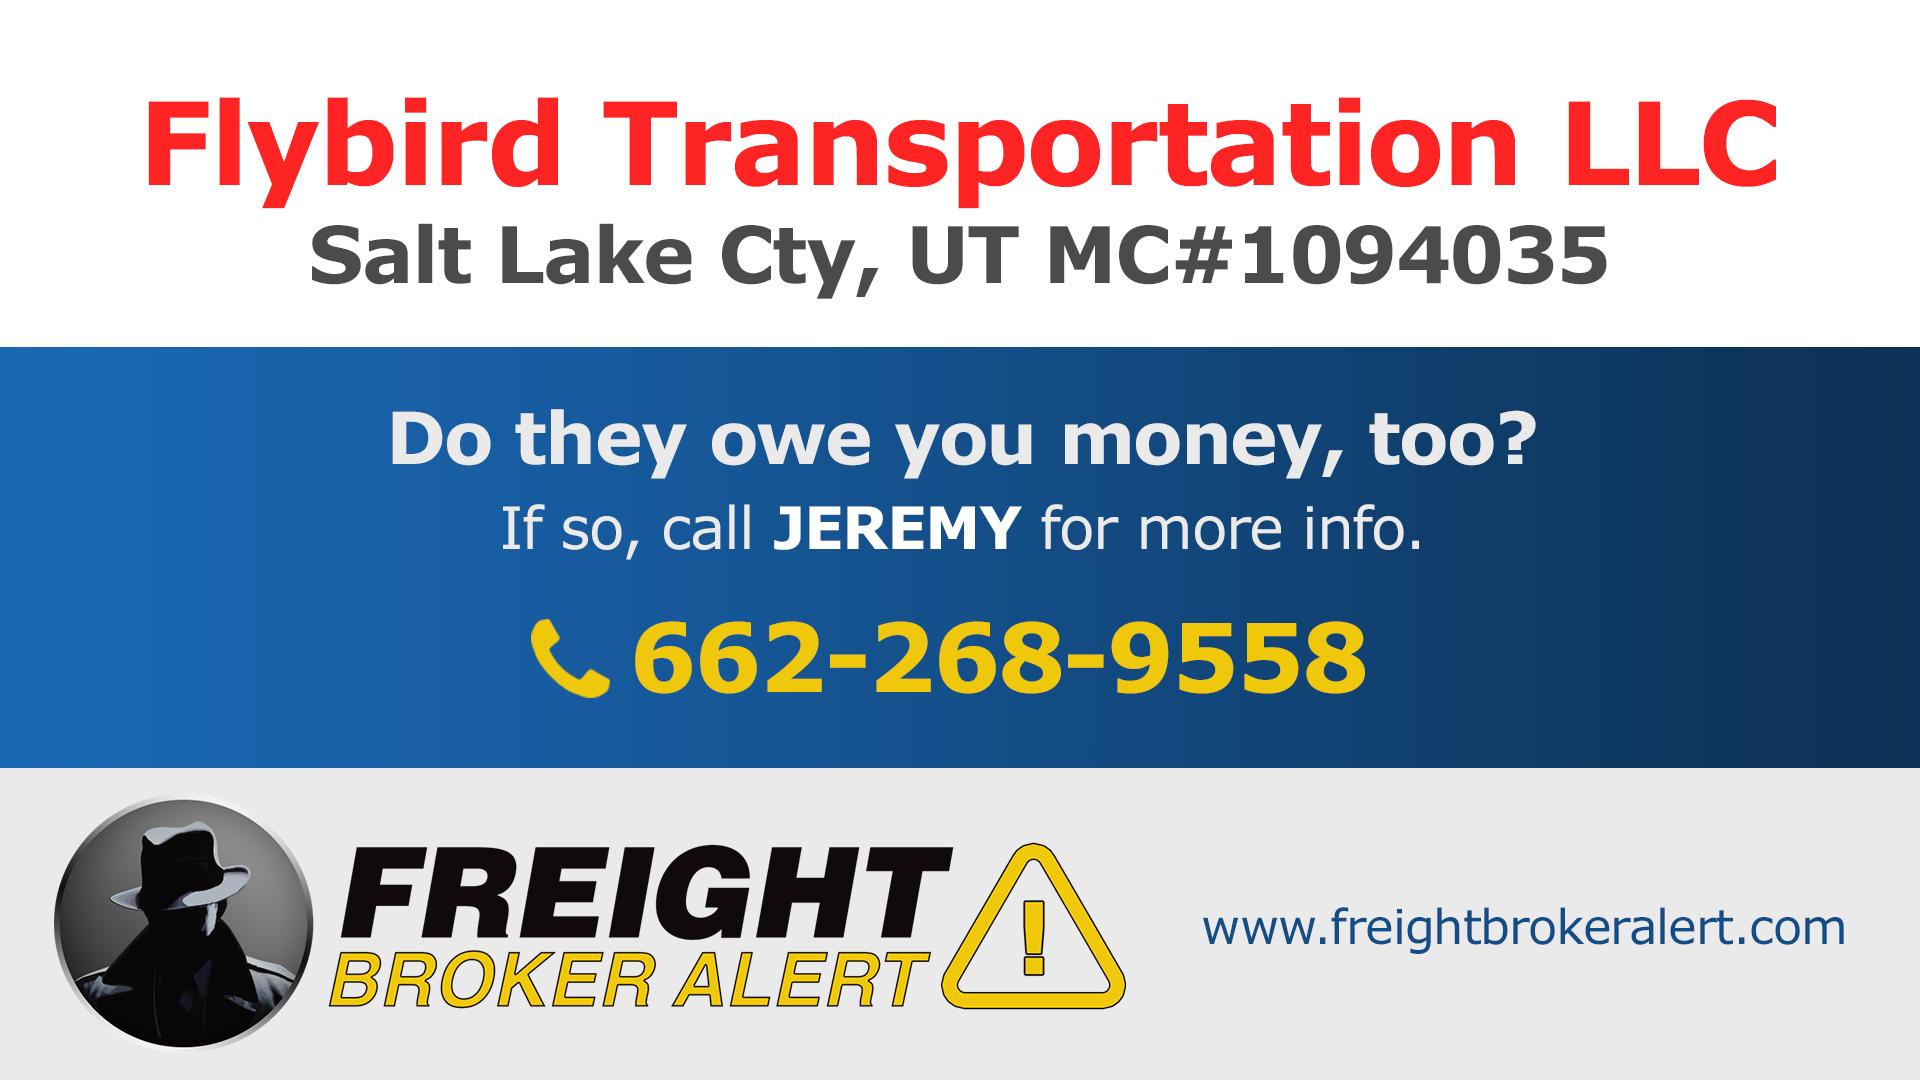 Flybird Transportation LLC Utah